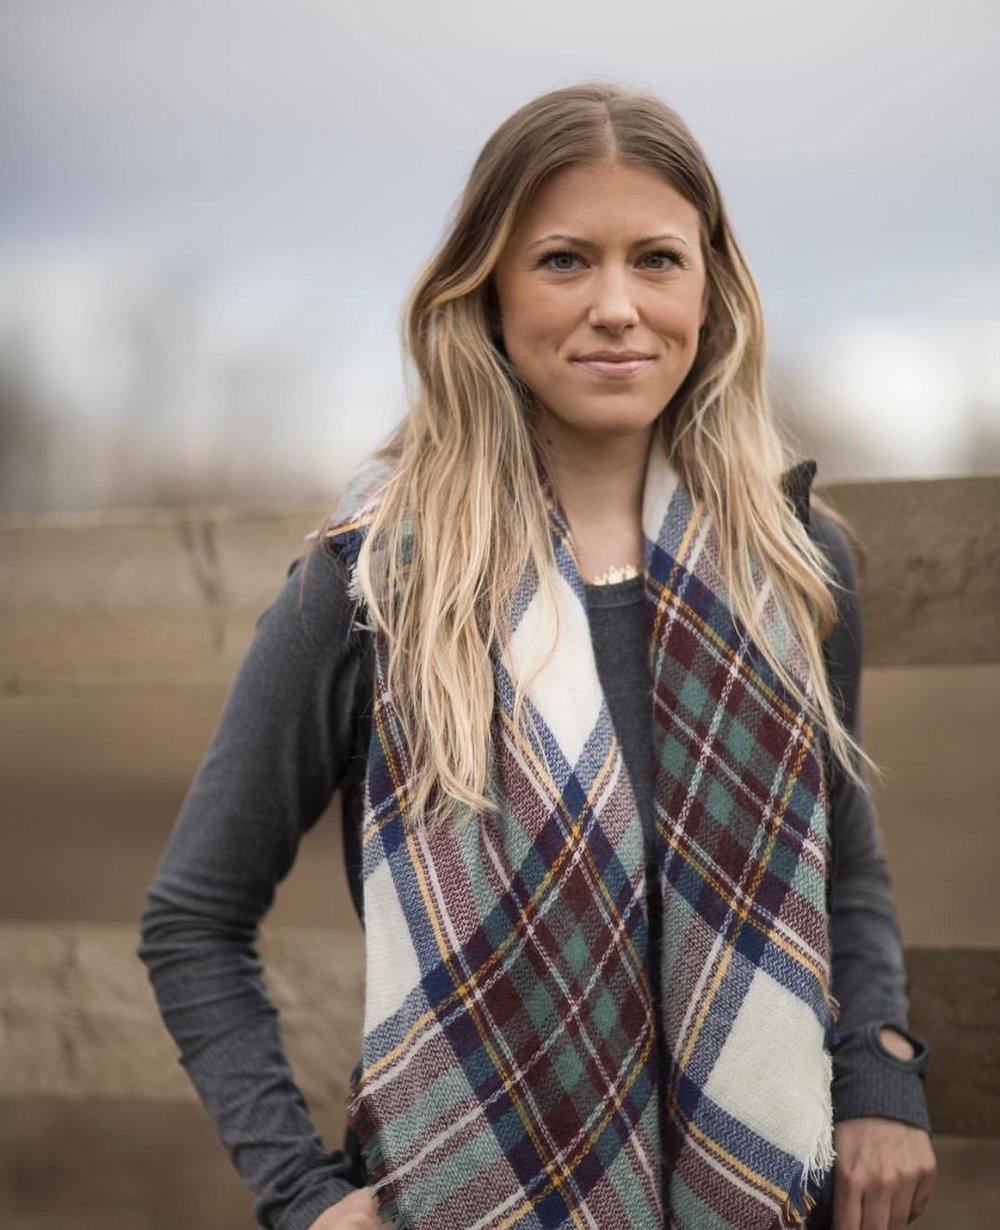 Ciera Krinke with scarf.jpg